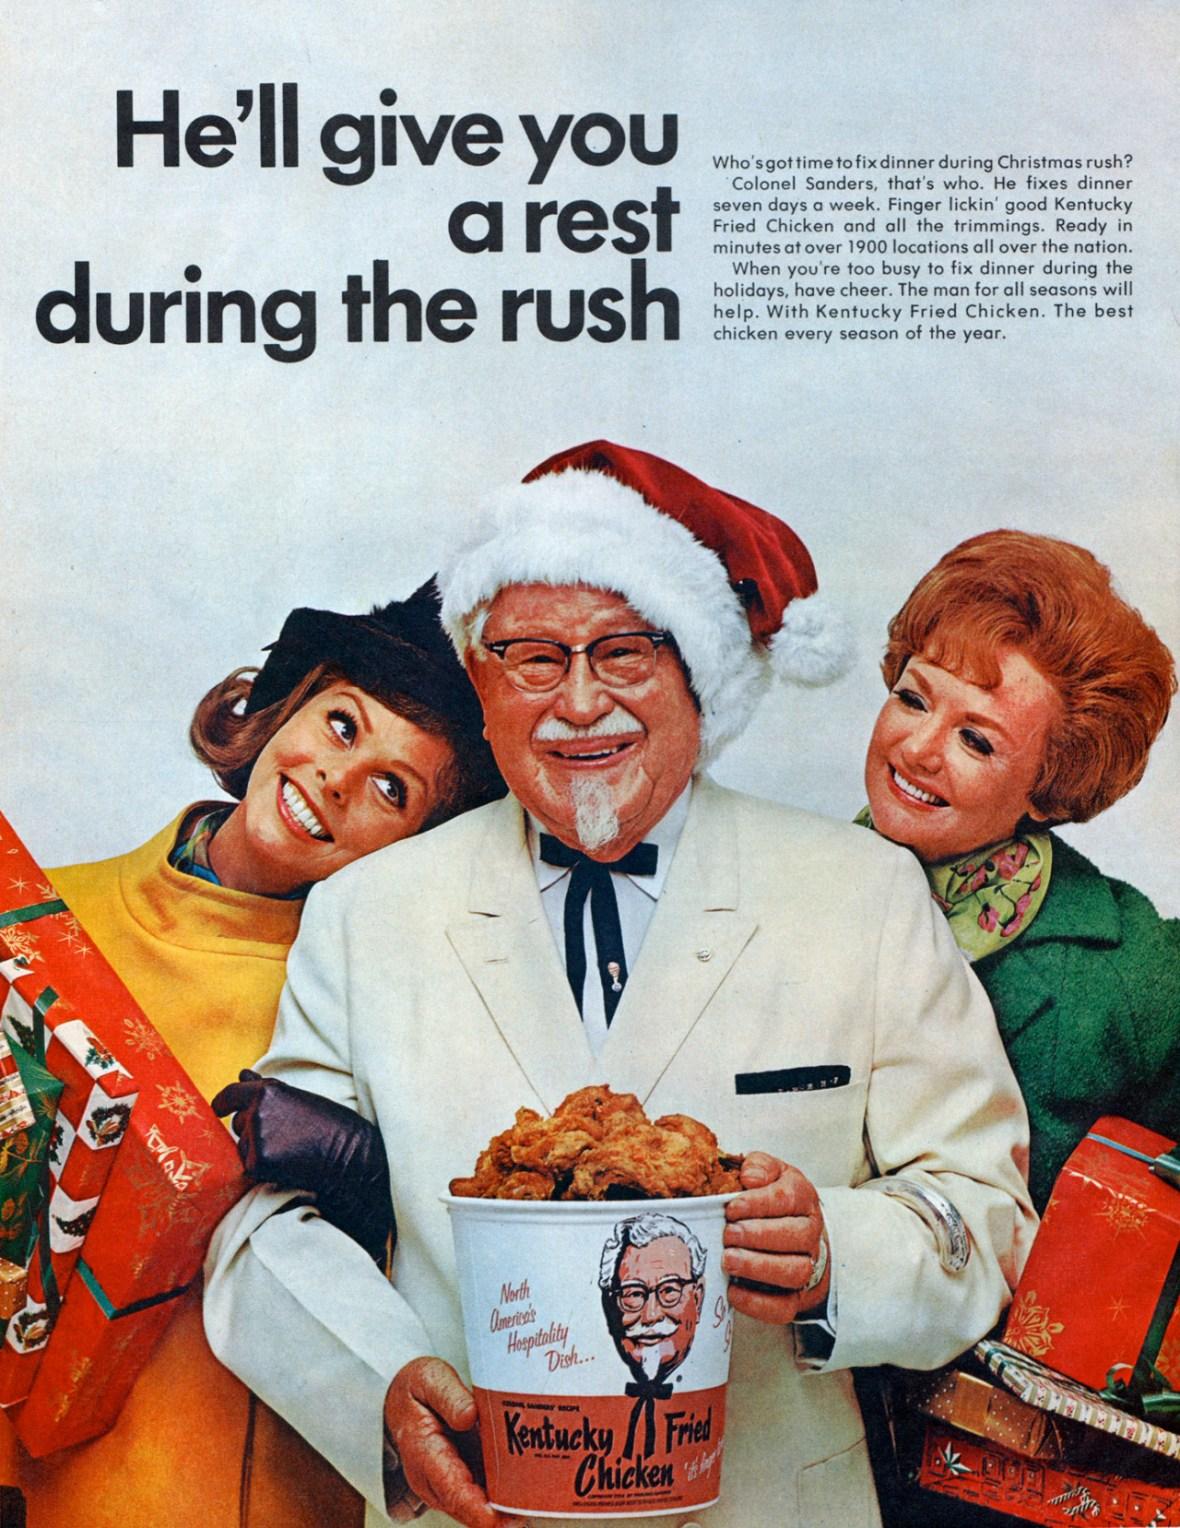 Kentucky Fried Chicken - 1968